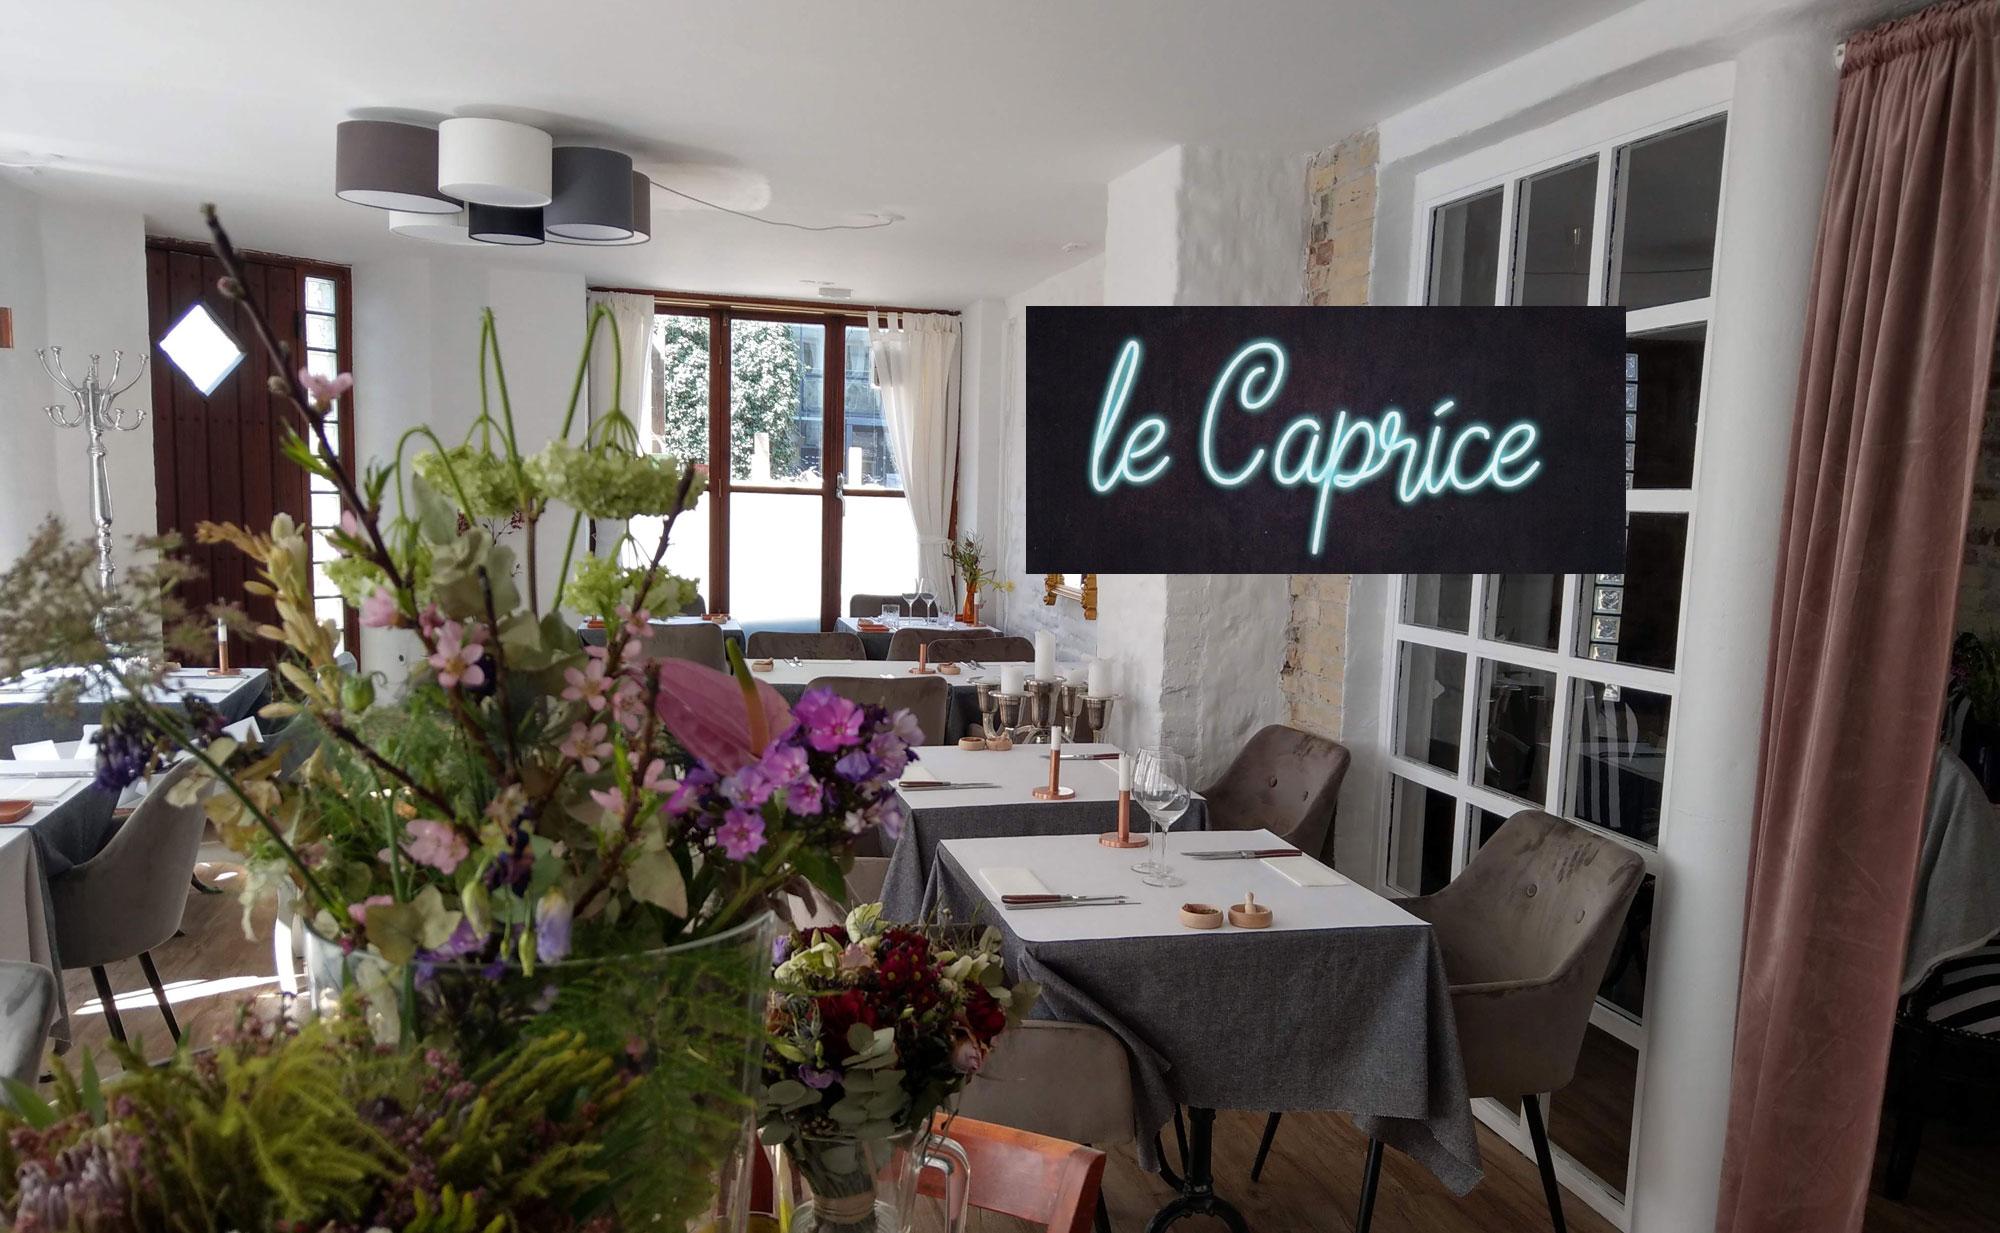 Le Caprice - fransk Restaurant